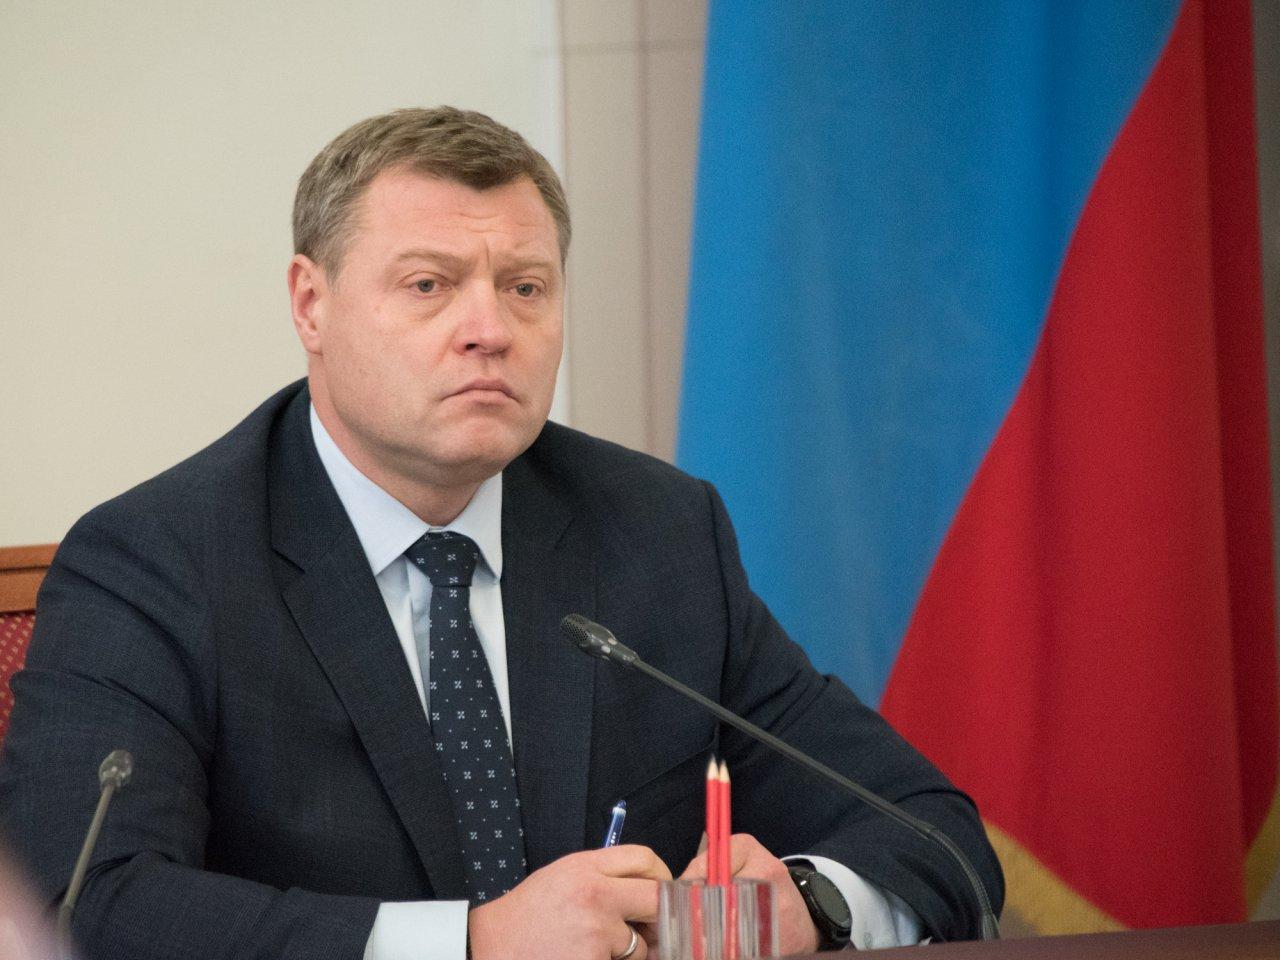 Игорь Бабушкин обратился к астраханцам: «Счет пошел на дни»